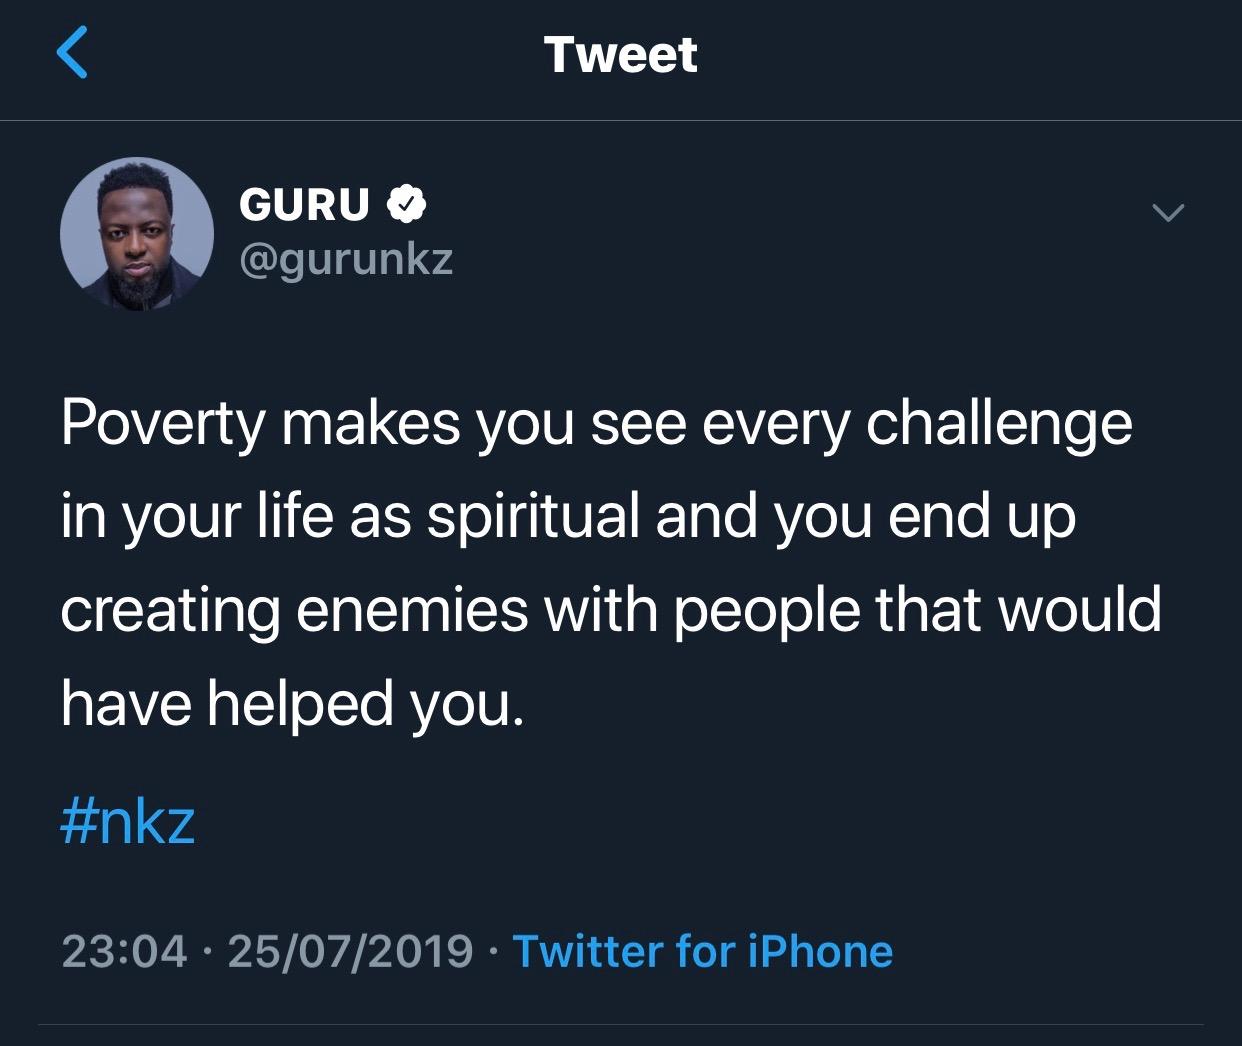 Poor People See Every Challenge As Spiritual - Guru 2